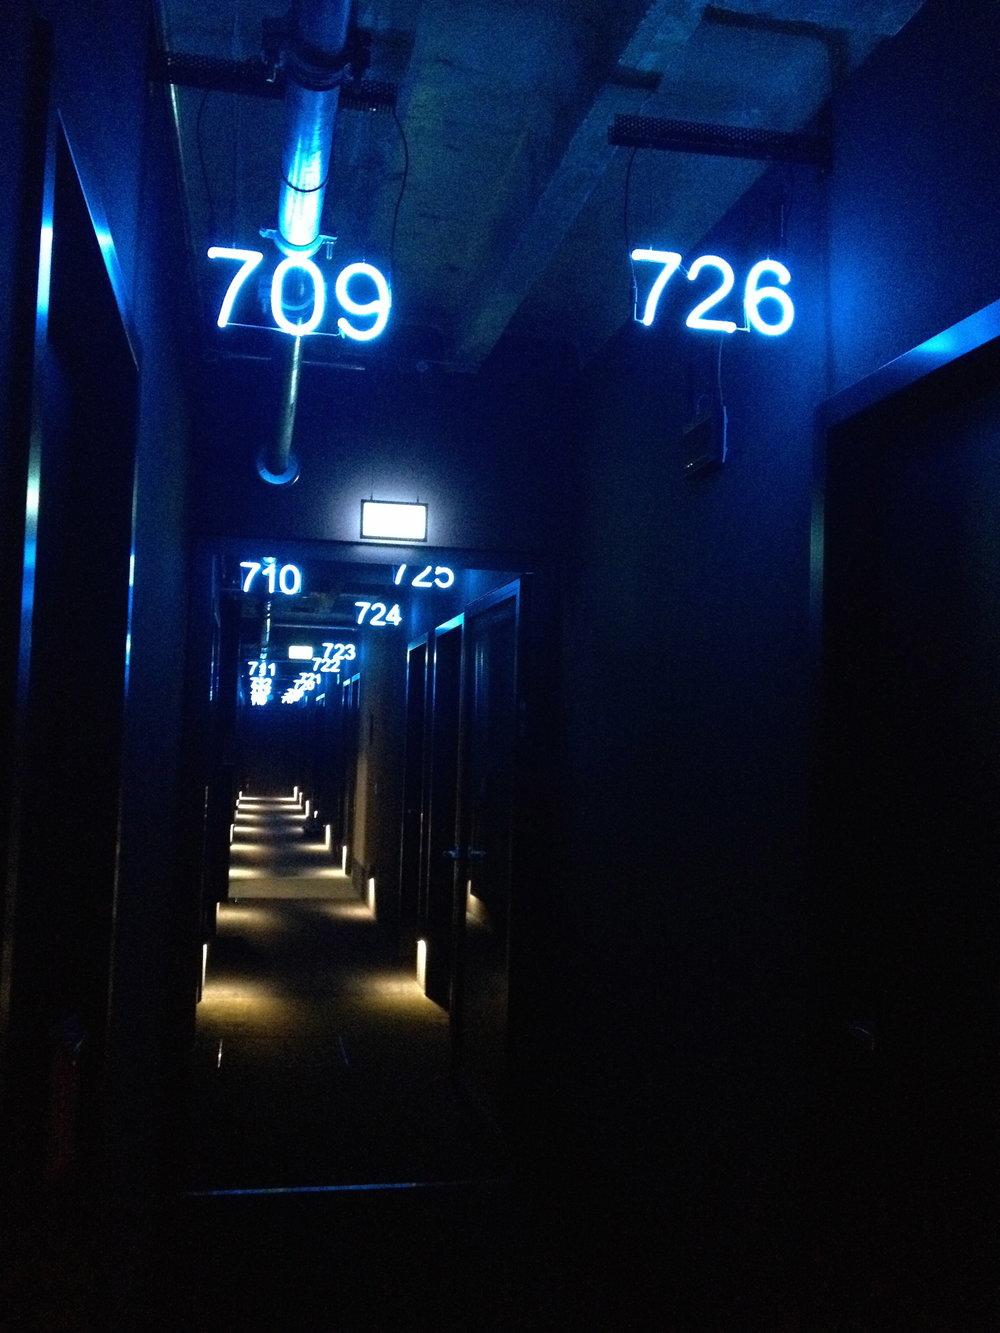 25hourshotelbikiniberlin